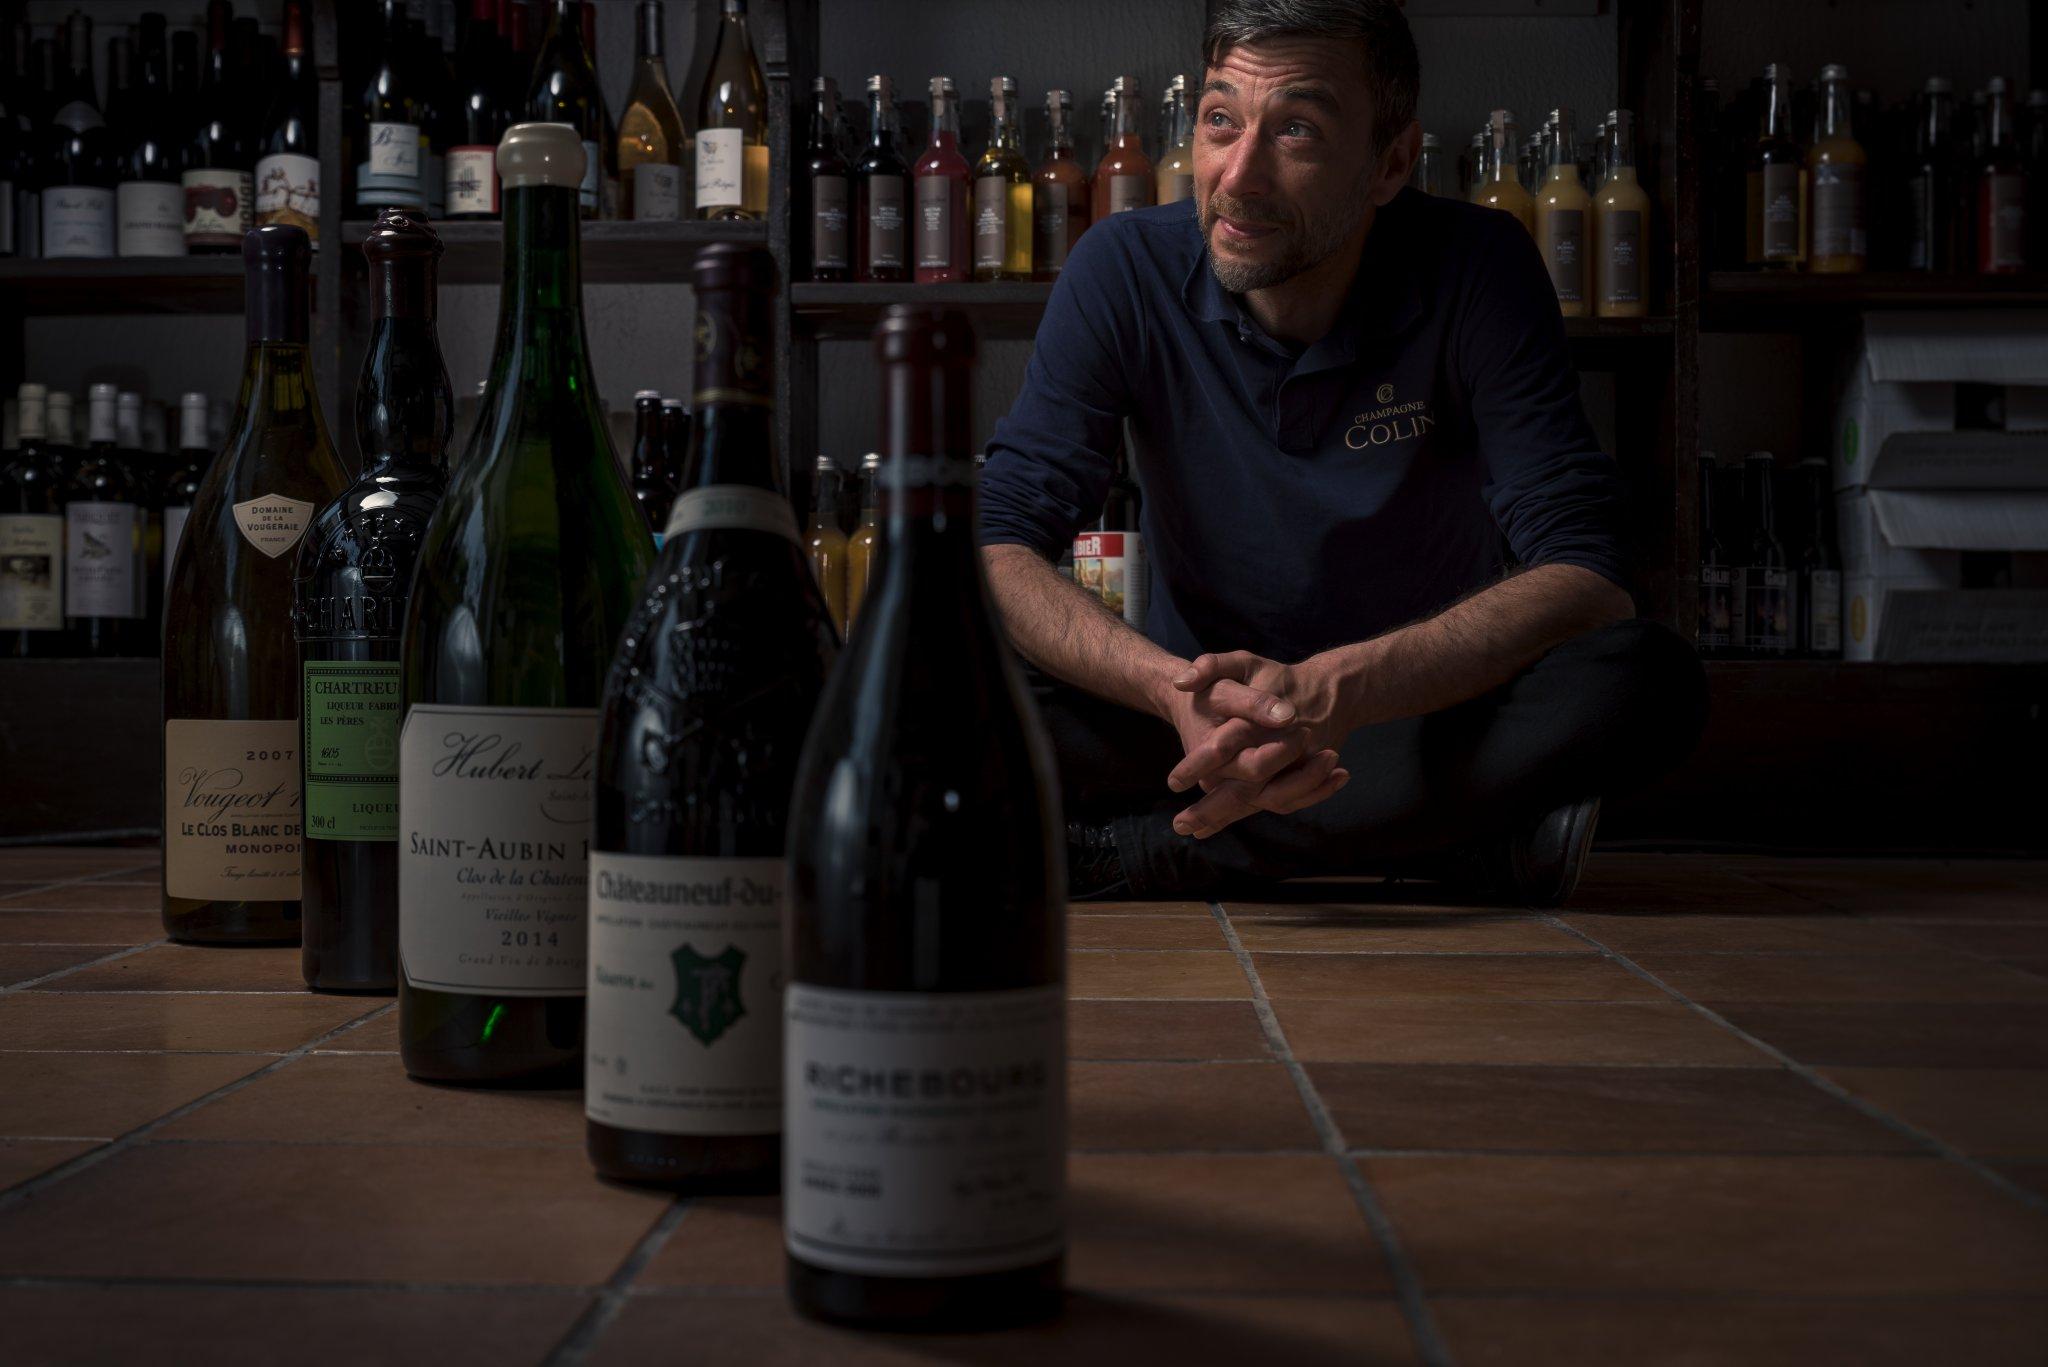 Photographe Lyon Villeurbanne - portrait professionnel artisan commerçant entreprise - Jean-François Bernard - La Cave des Gratte Ciel - Gratte-Ciel